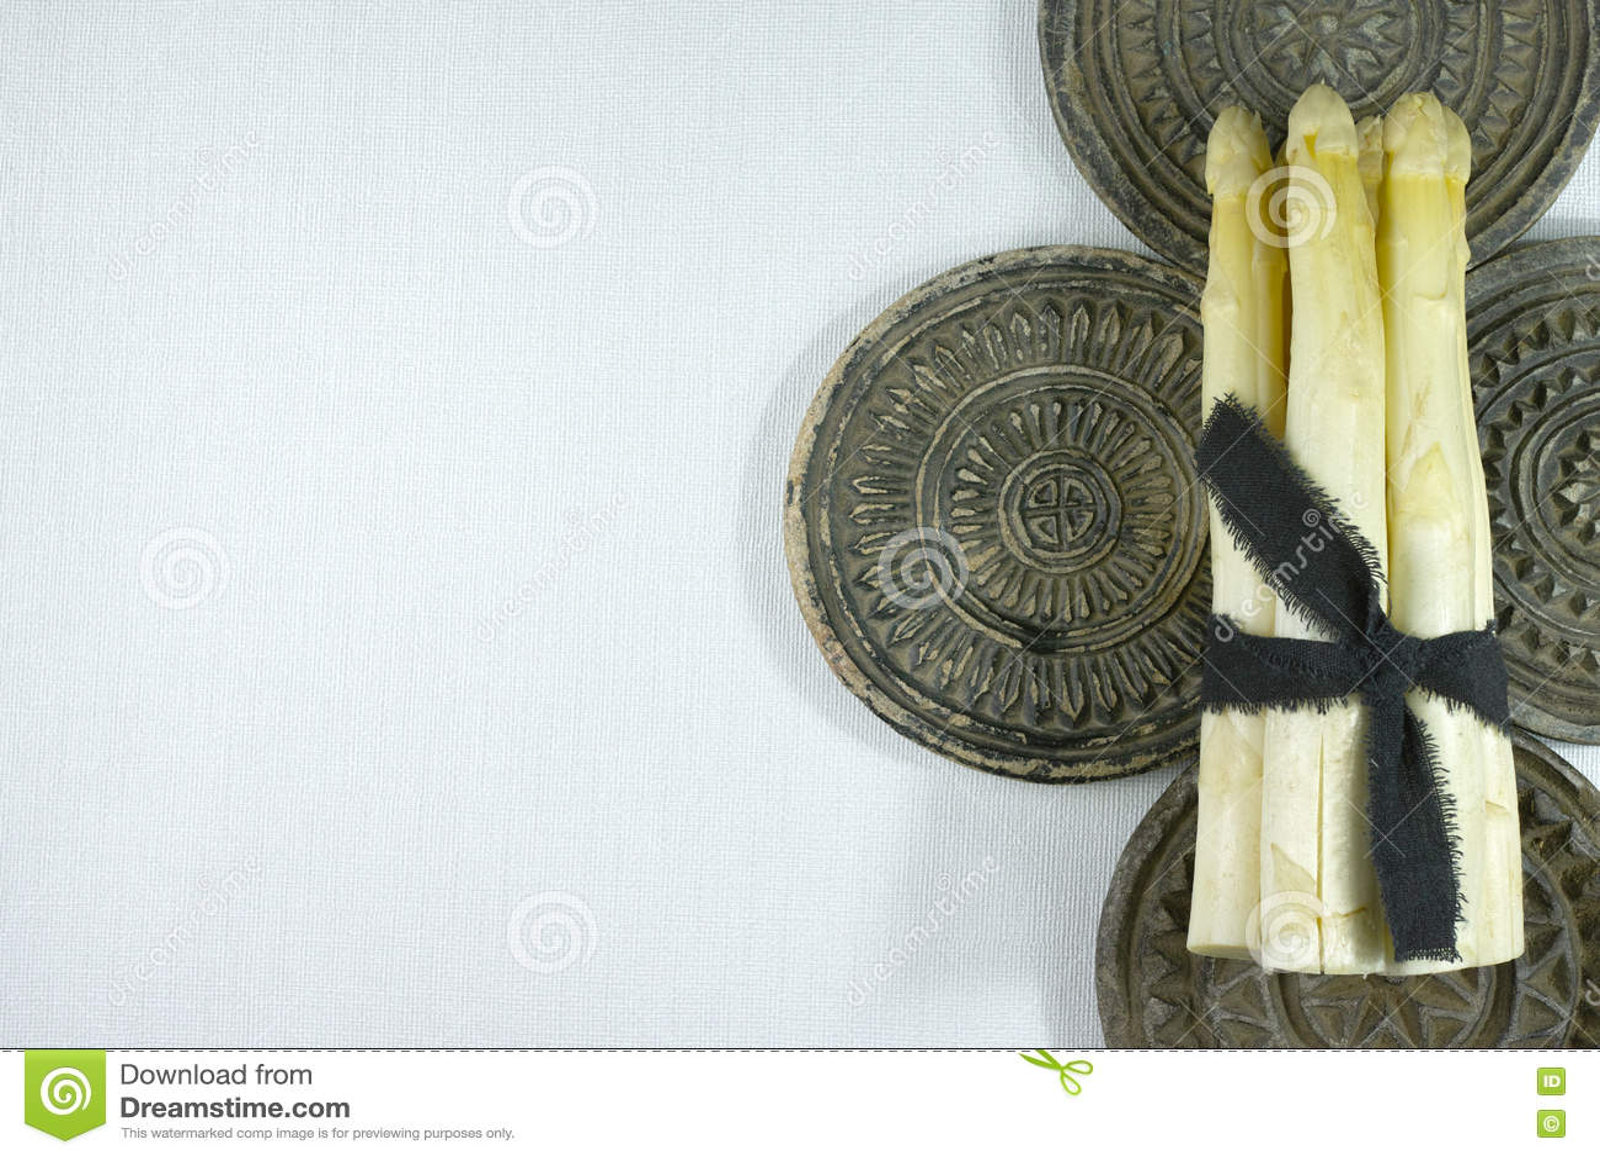 Свежая белая спаржа на серых каменных досках